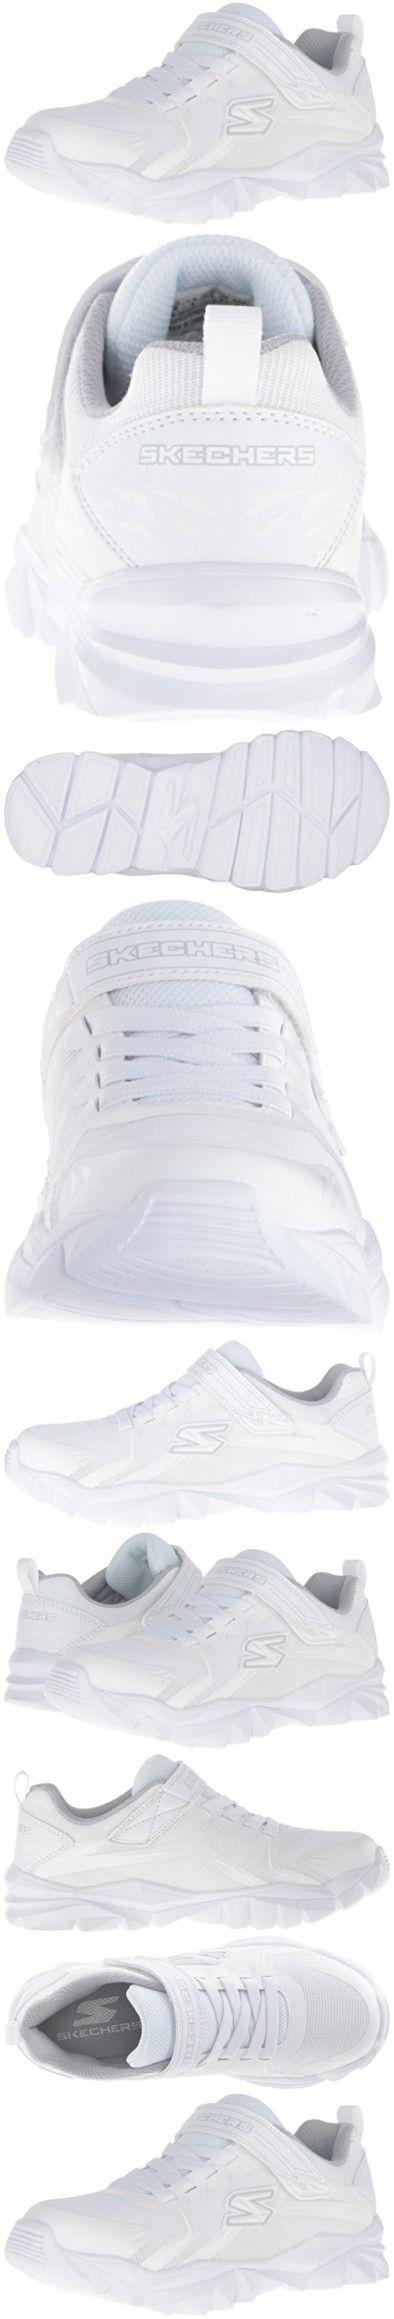 Skechers Kids Electronz Blazar Sneaker (Little Kid/Big Kid), White, 11 M US Little Kid